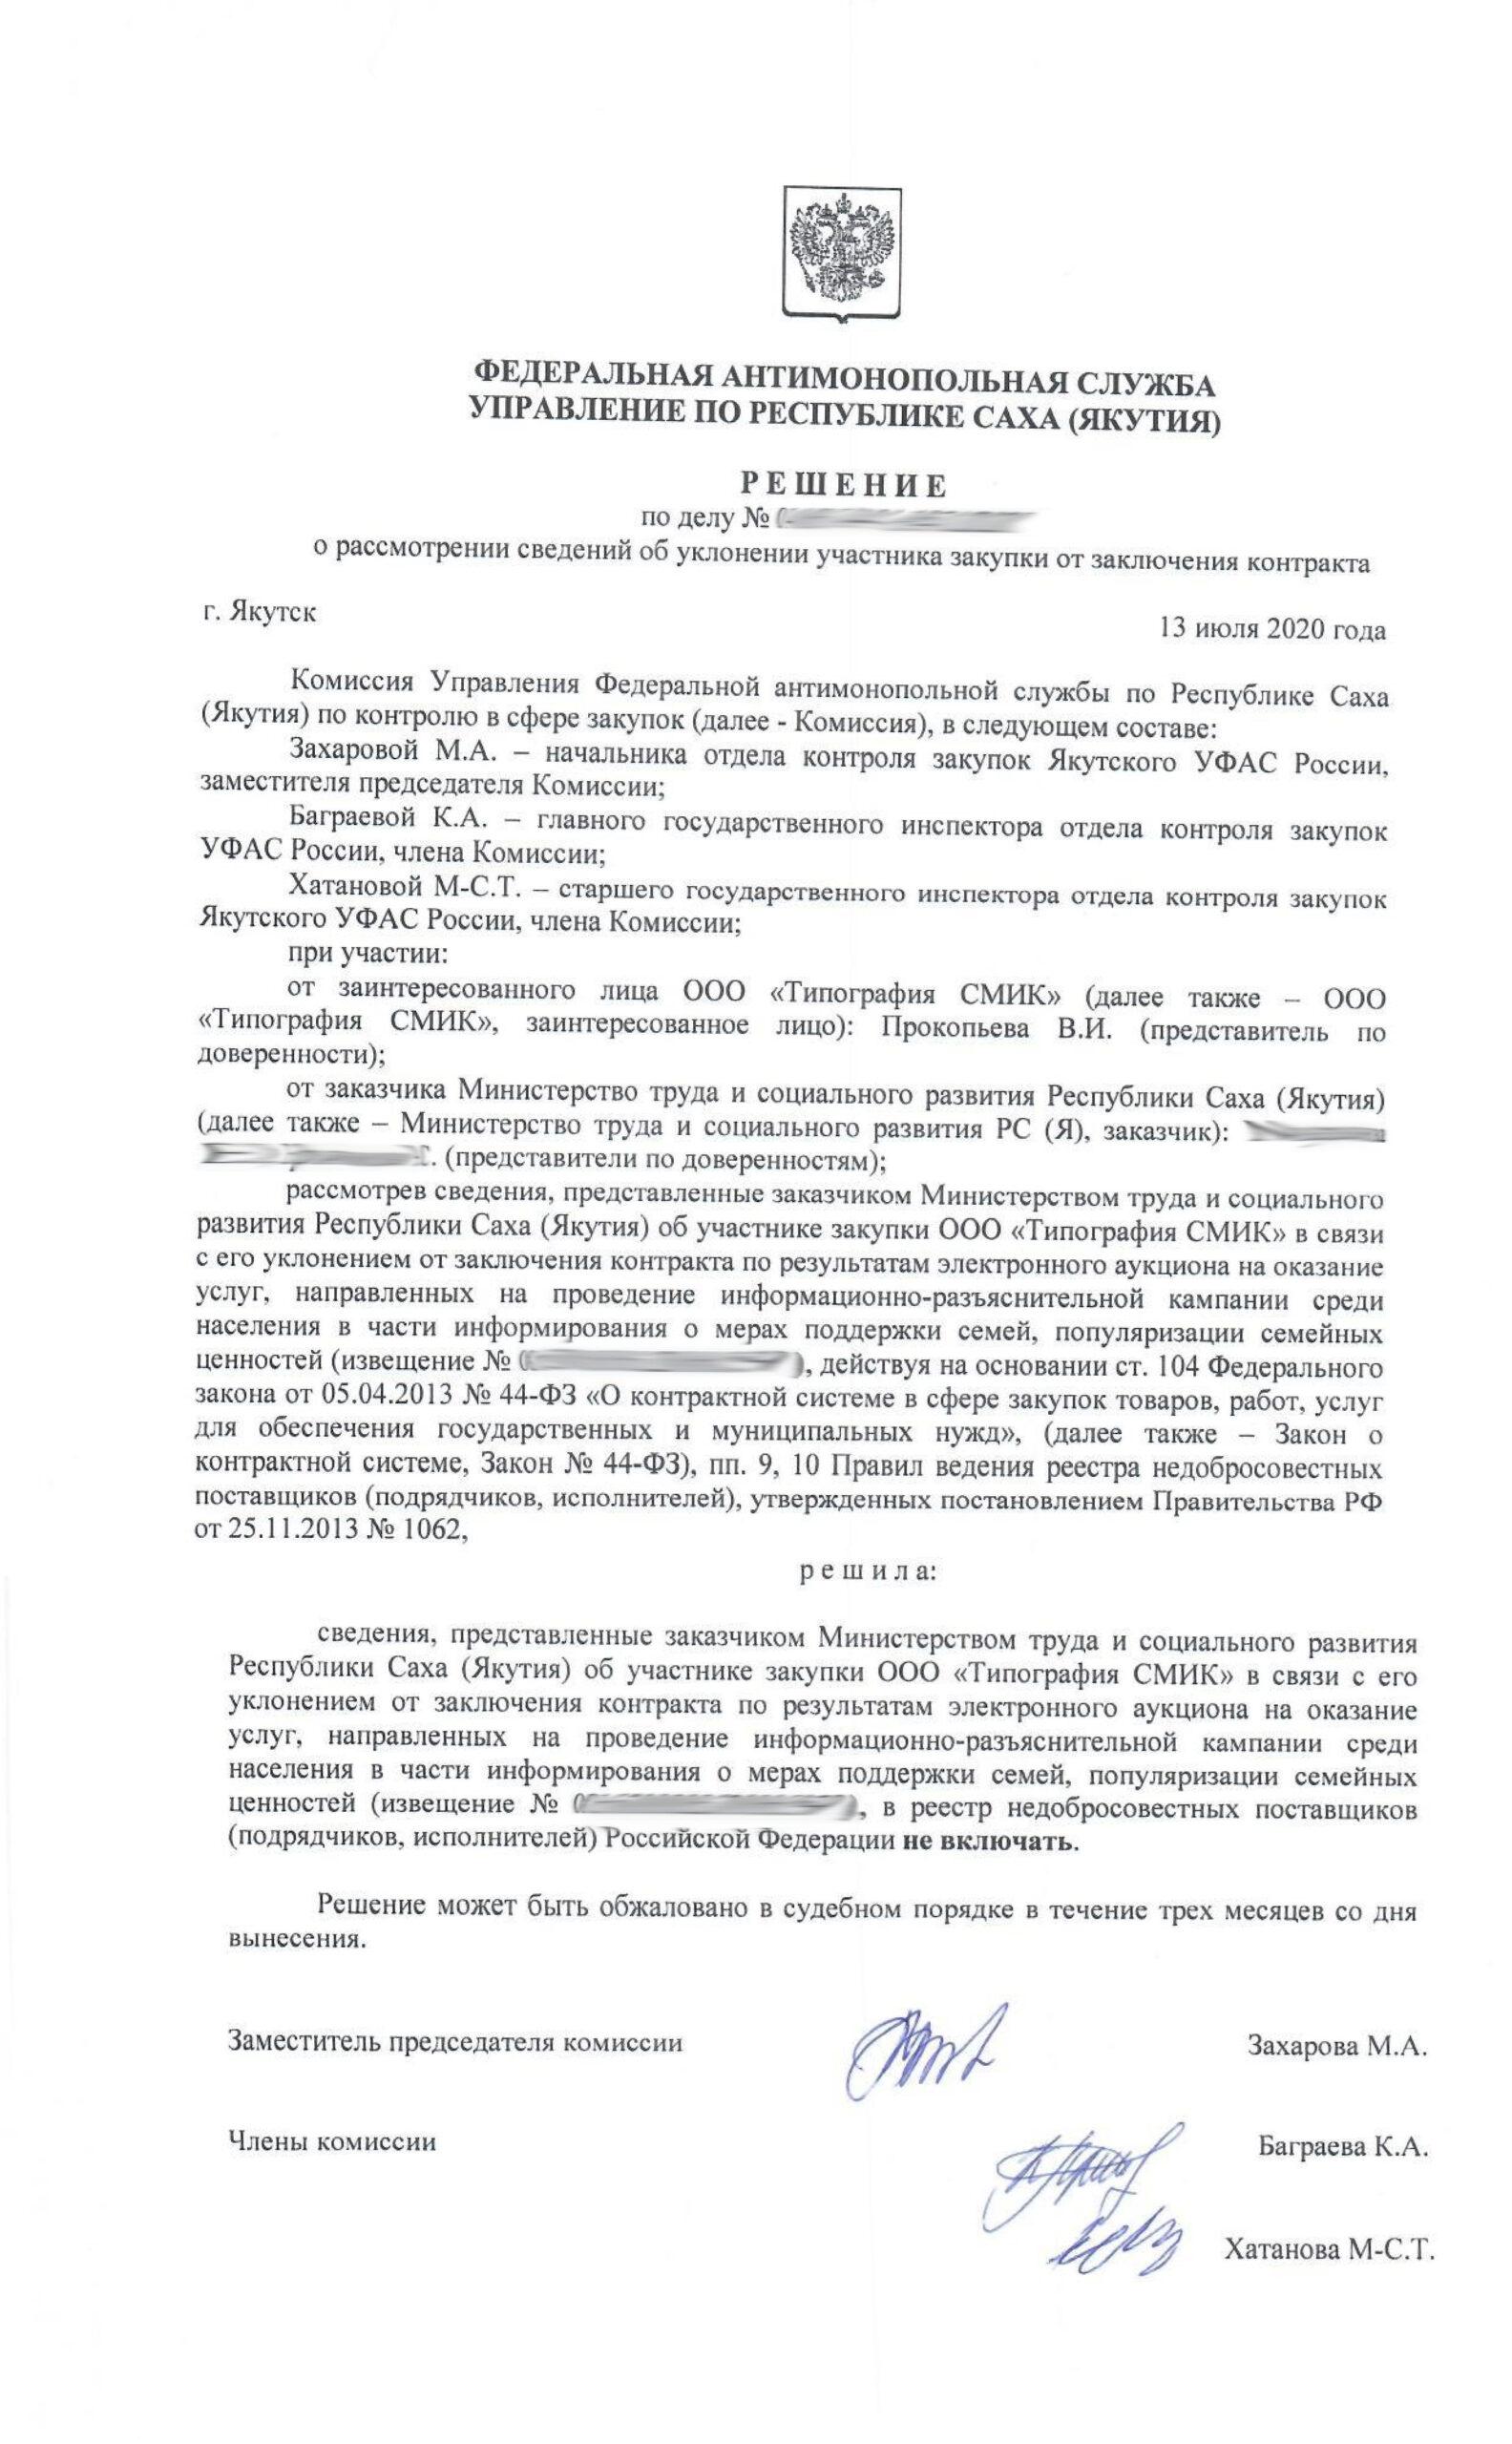 УФАС Якутия Типографис СМИК